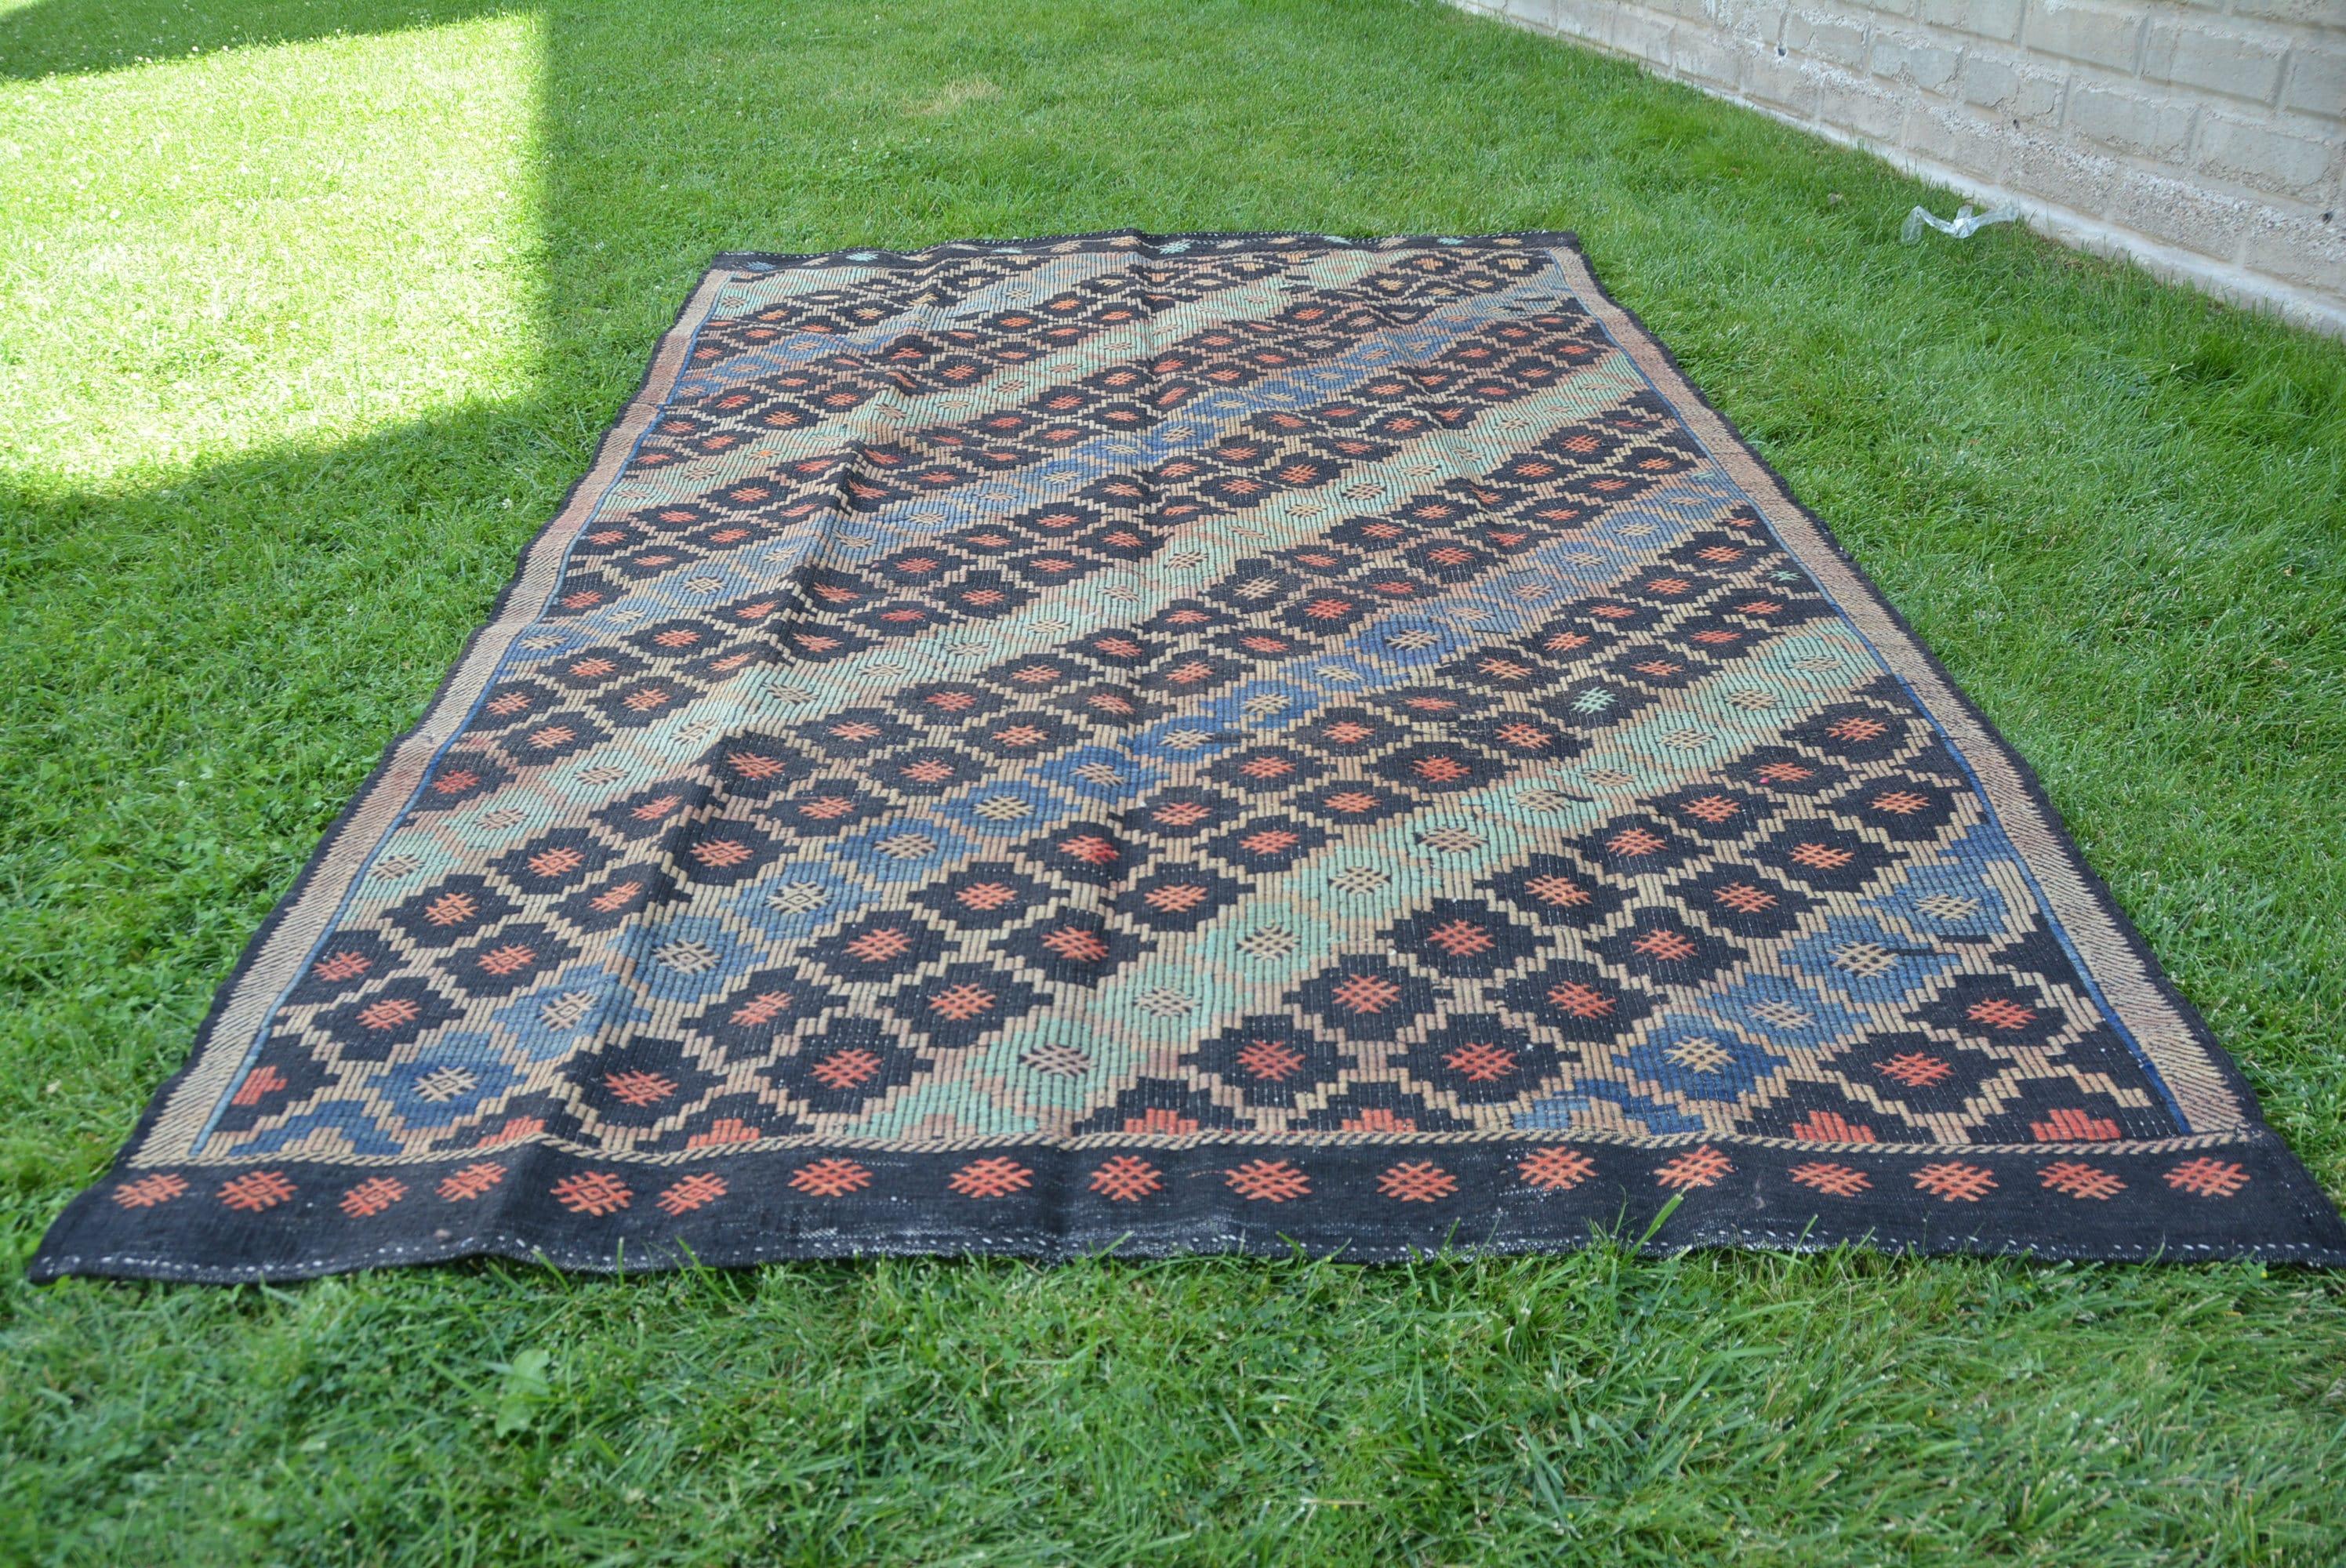 7 X 11 Kilim Rug Tureckij Kover Turkish Rug Kilim Anatolian Kilim